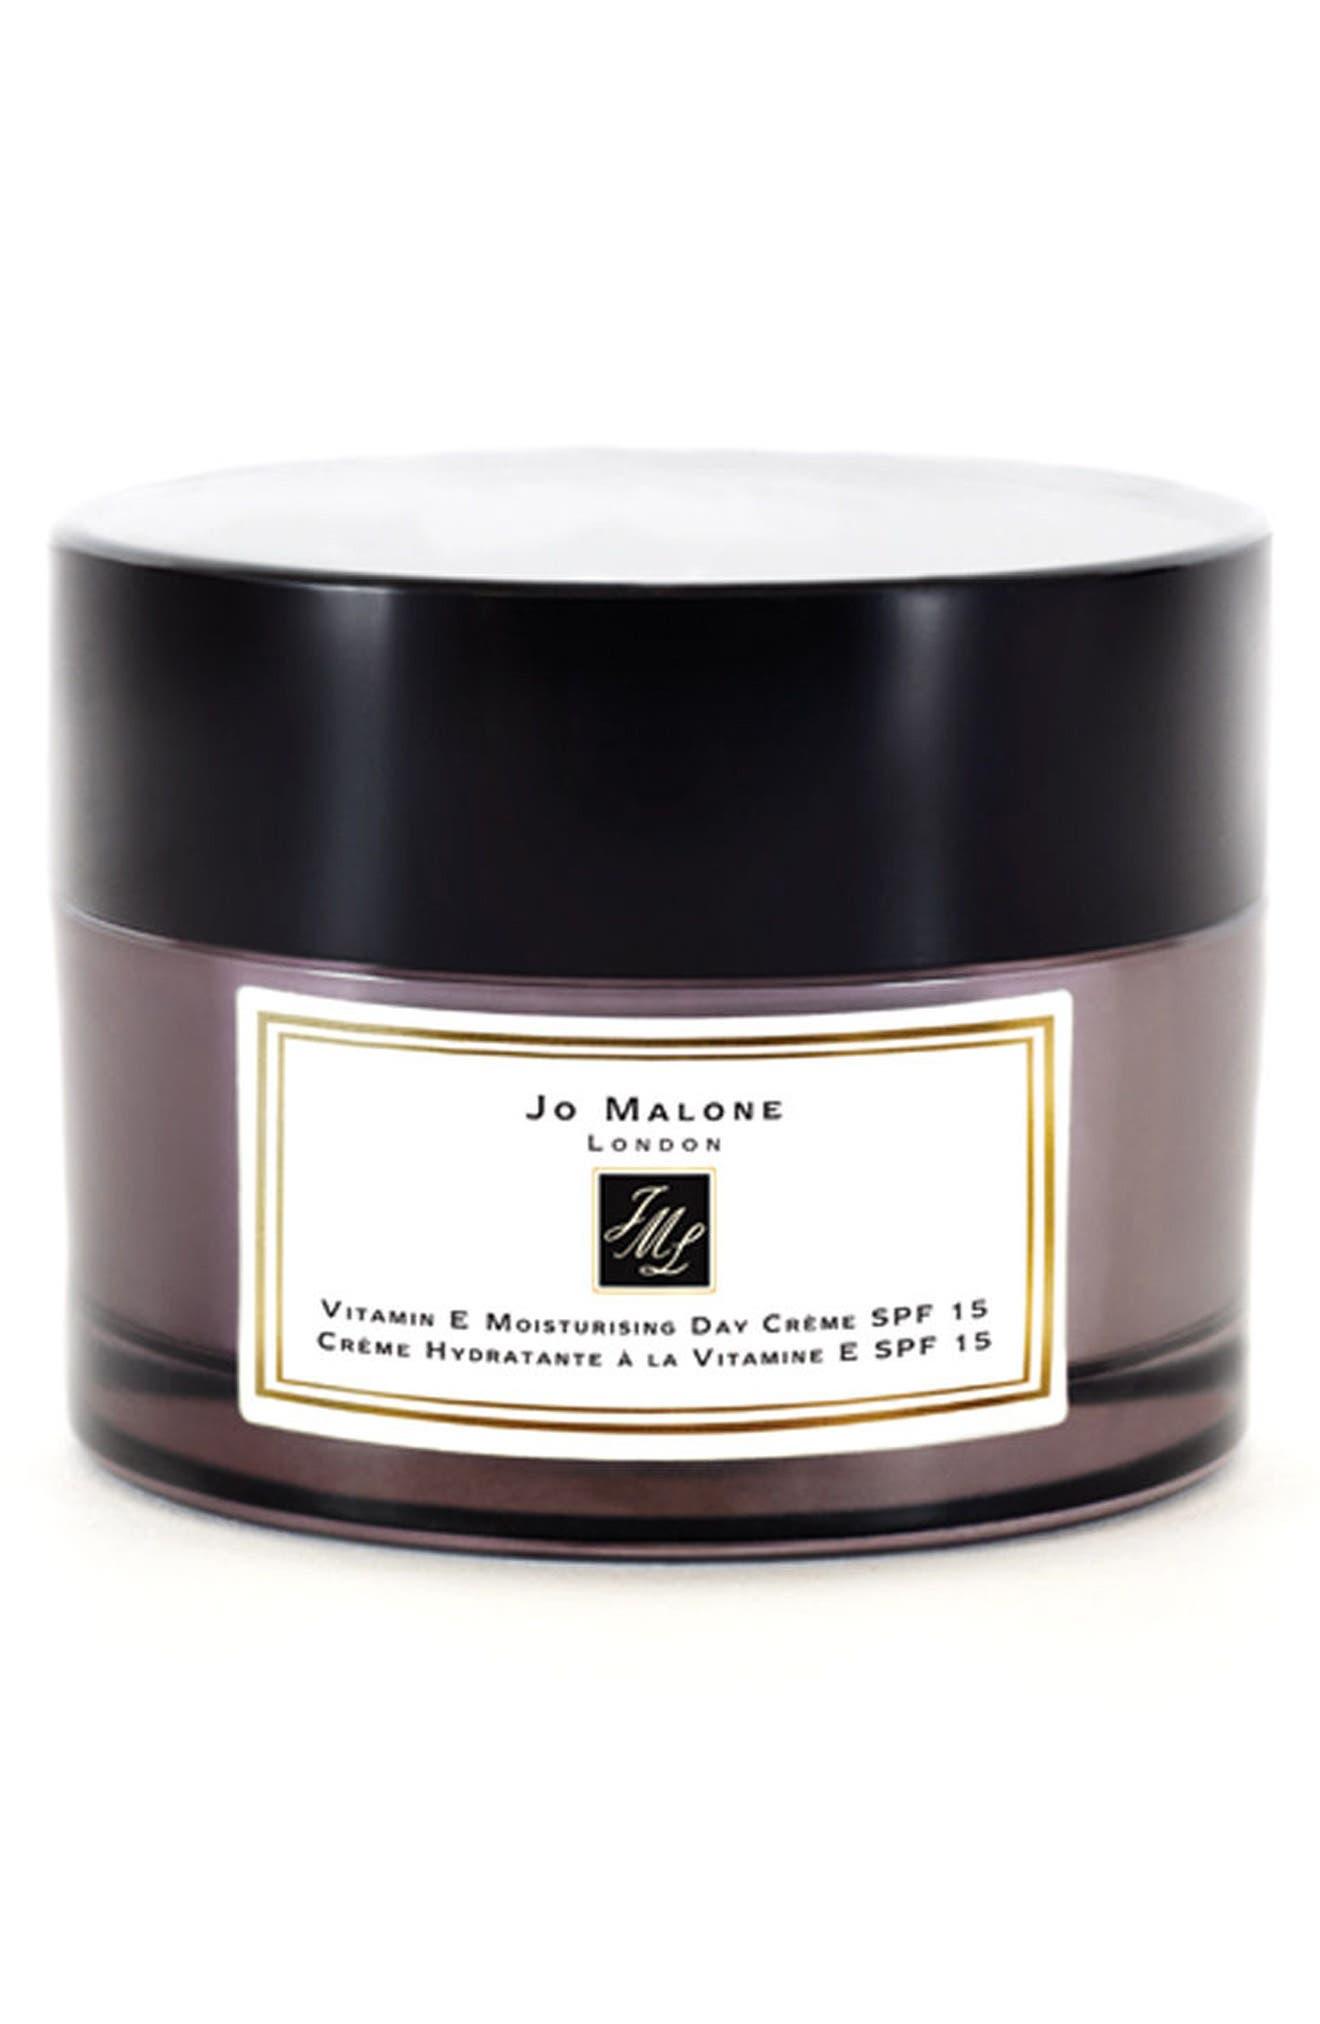 Jo Malone London™ 'Vitamin E' Moisturizing Day Crème Broad Spectrum SPF 15